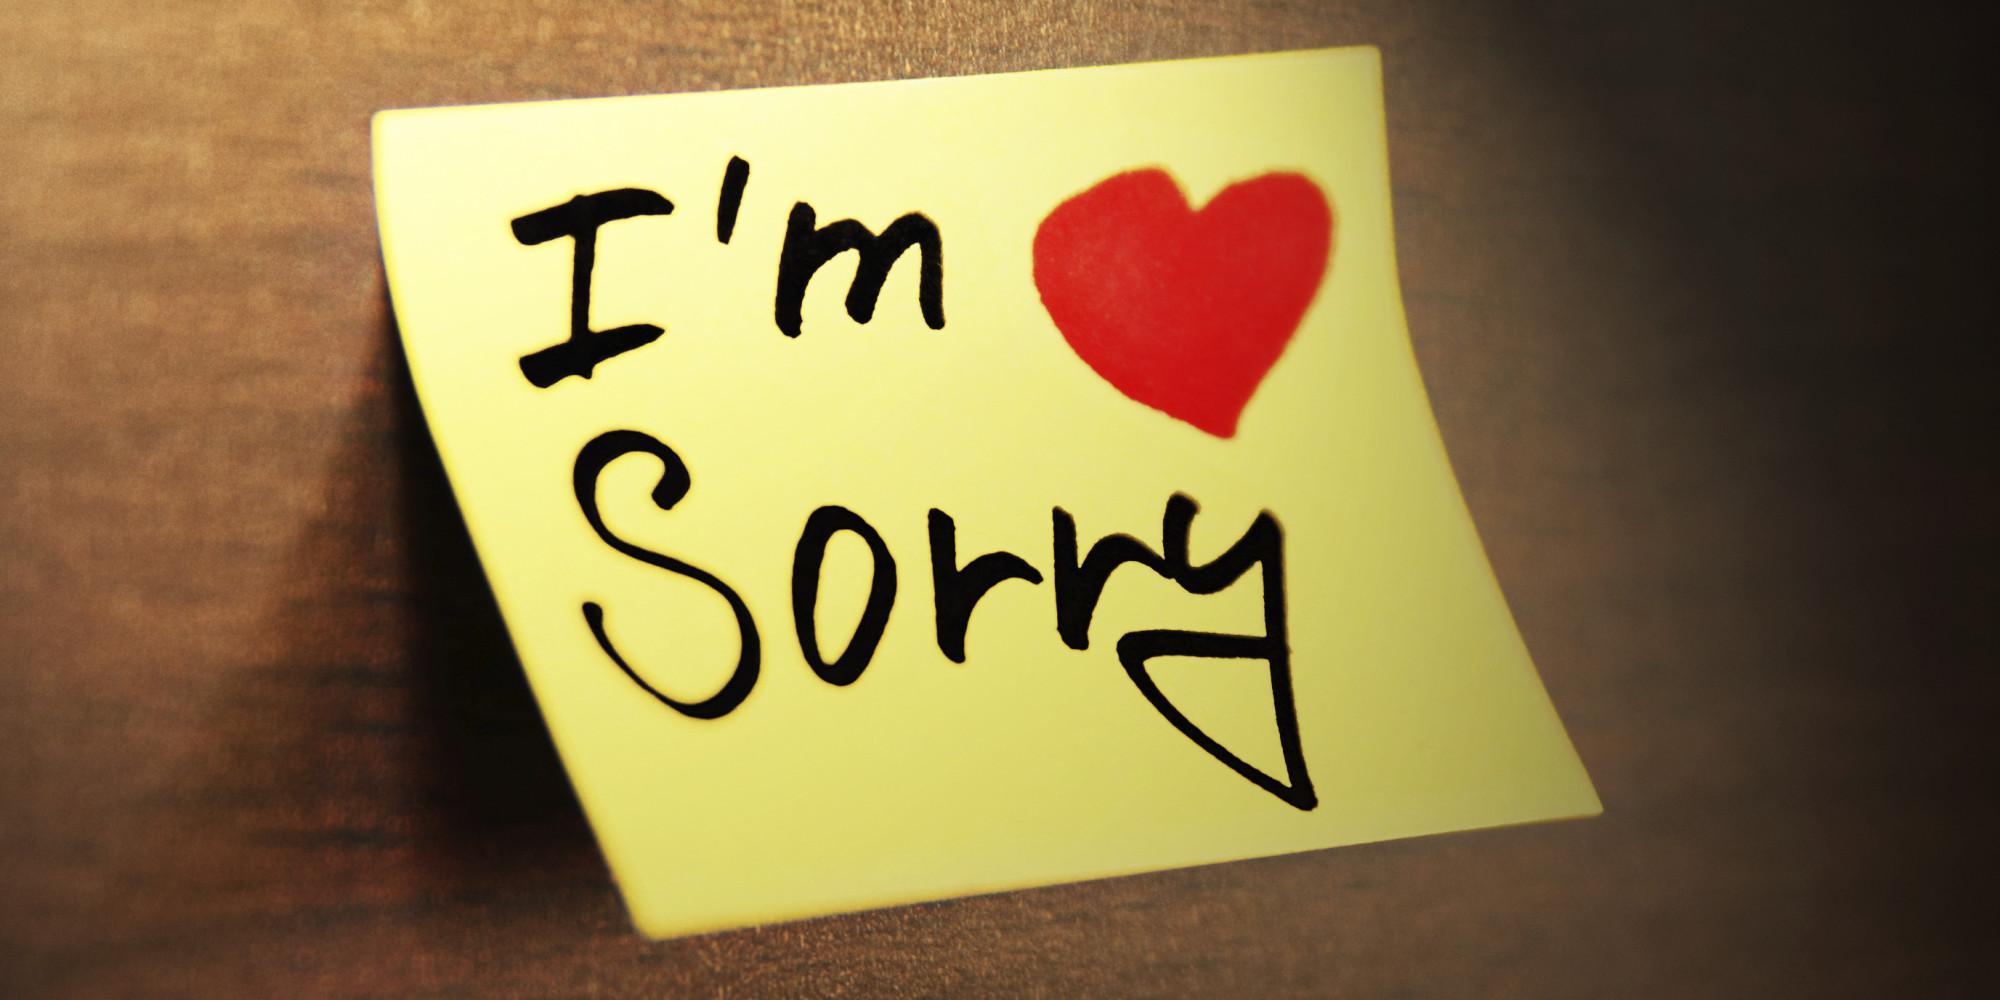 بالصور كلام اعتذار للحبيب , كيف تعتذر لحبيبك ب ابسط الكلمات 6194 8